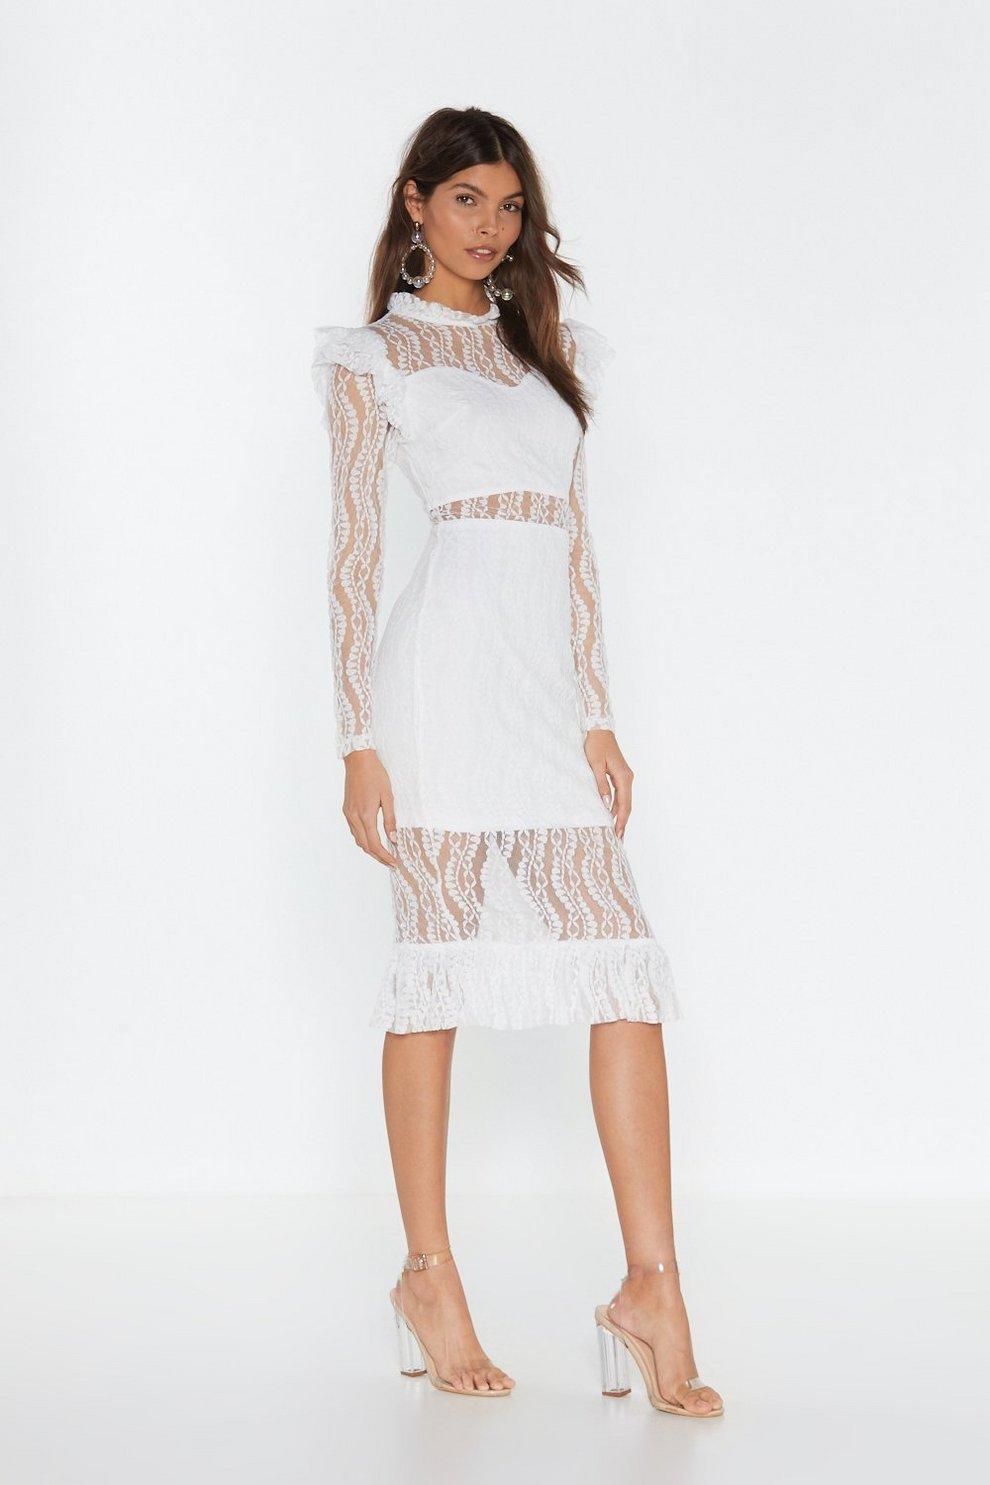 ee55250b3534 Heartache Tonight Lace Midi Dress